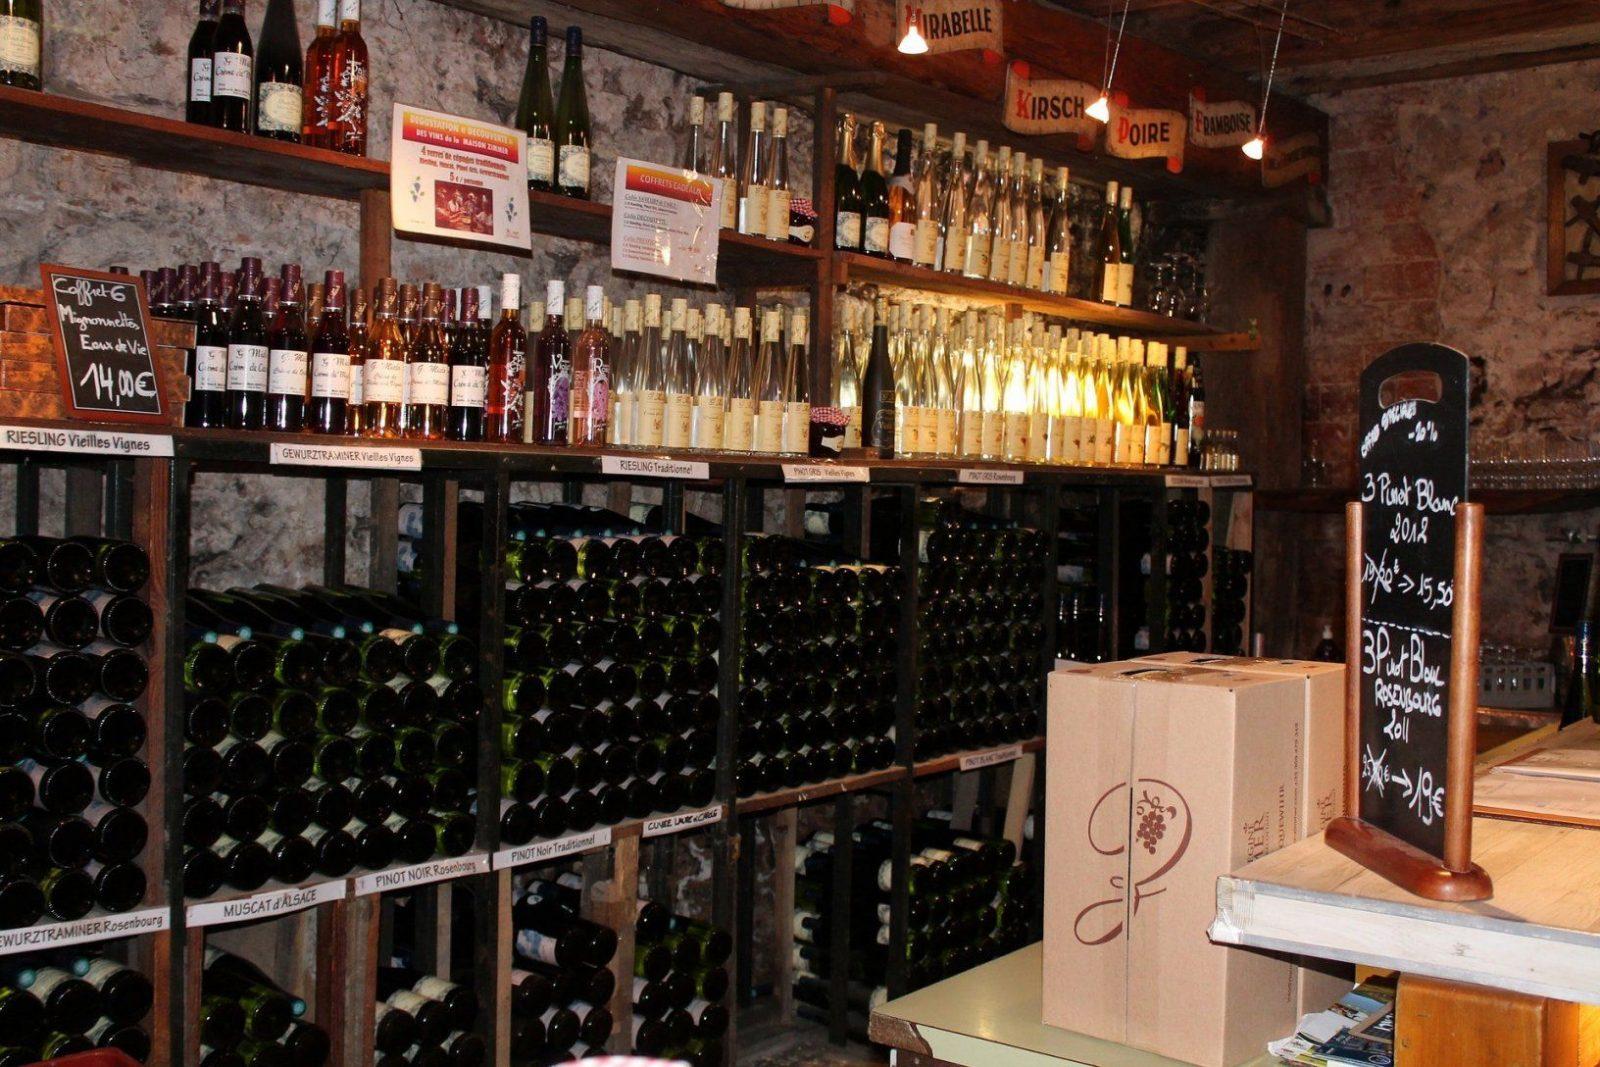 Weinkeller Im Eigenen Haus Bauen Und Einrichten von Weinkeller Bauen Selber Machen Bild